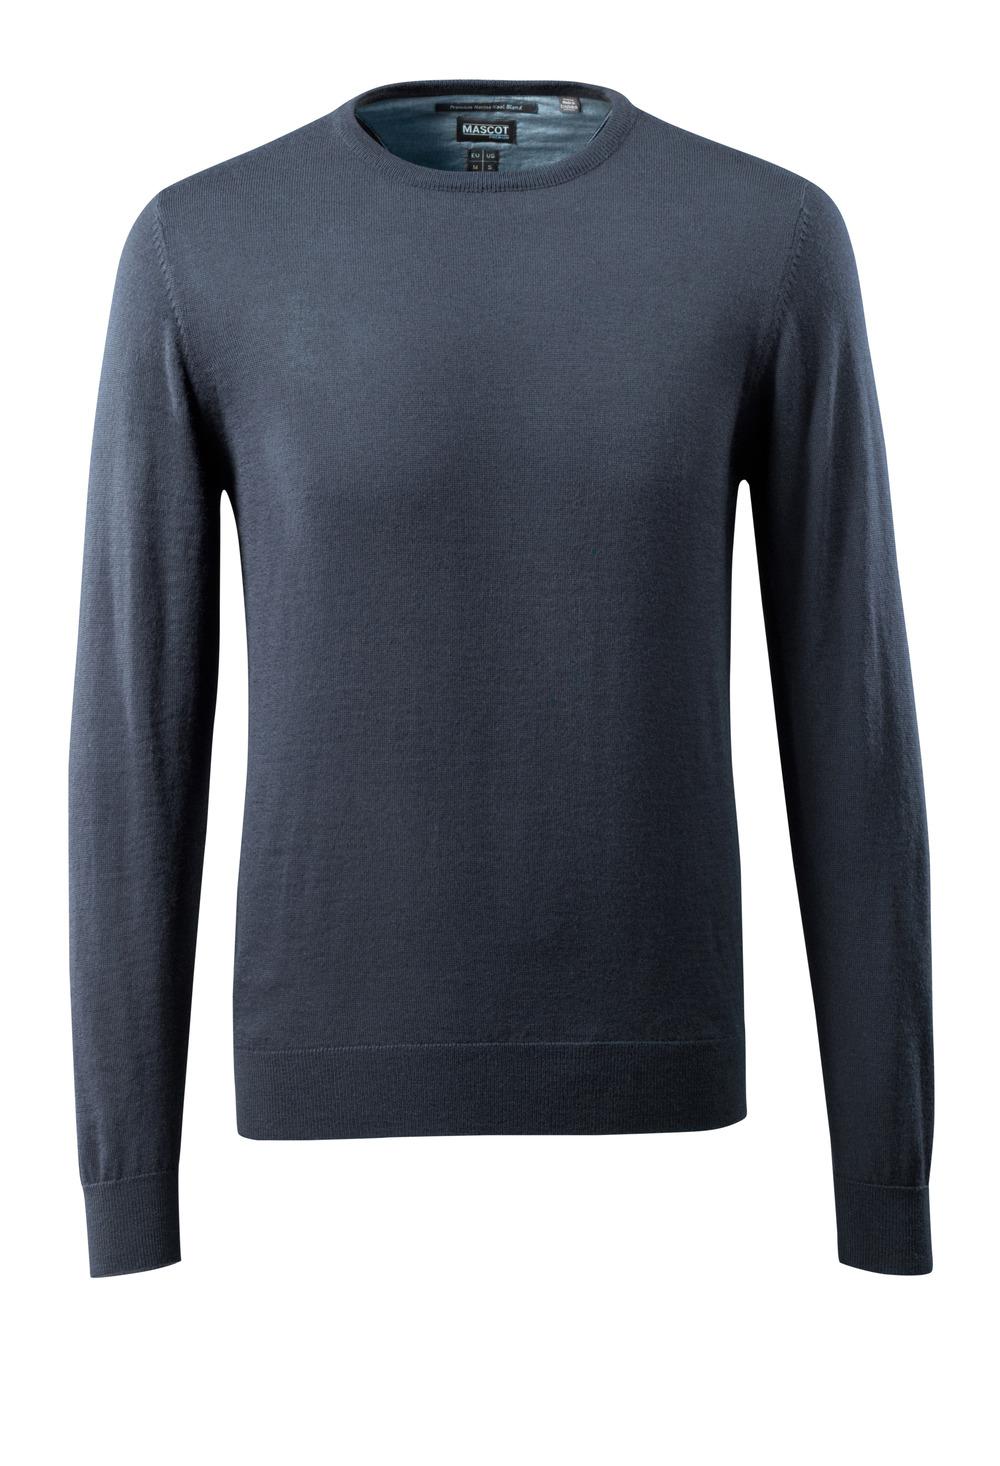 50636-989-010 Jersey de punto - azul marino oscuro